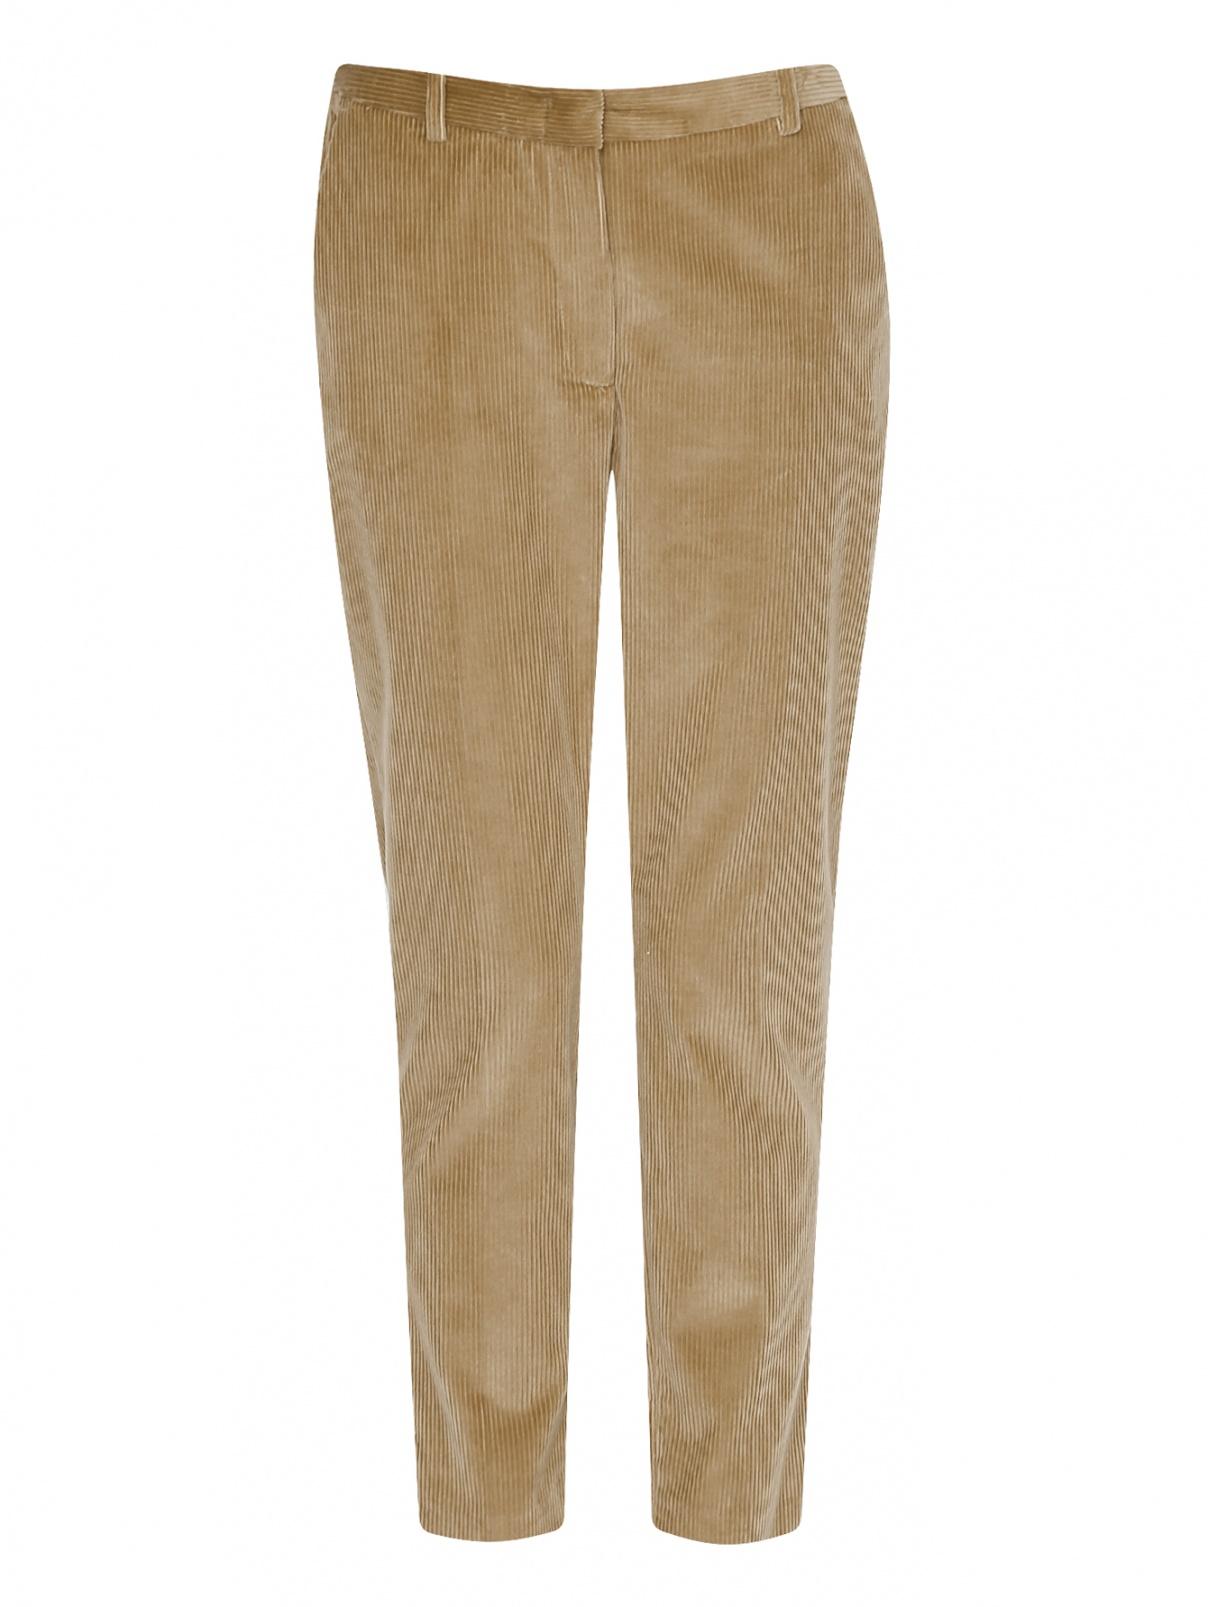 Вельветовые брюки зауженного кроя Weekend Max Mara  –  Общий вид